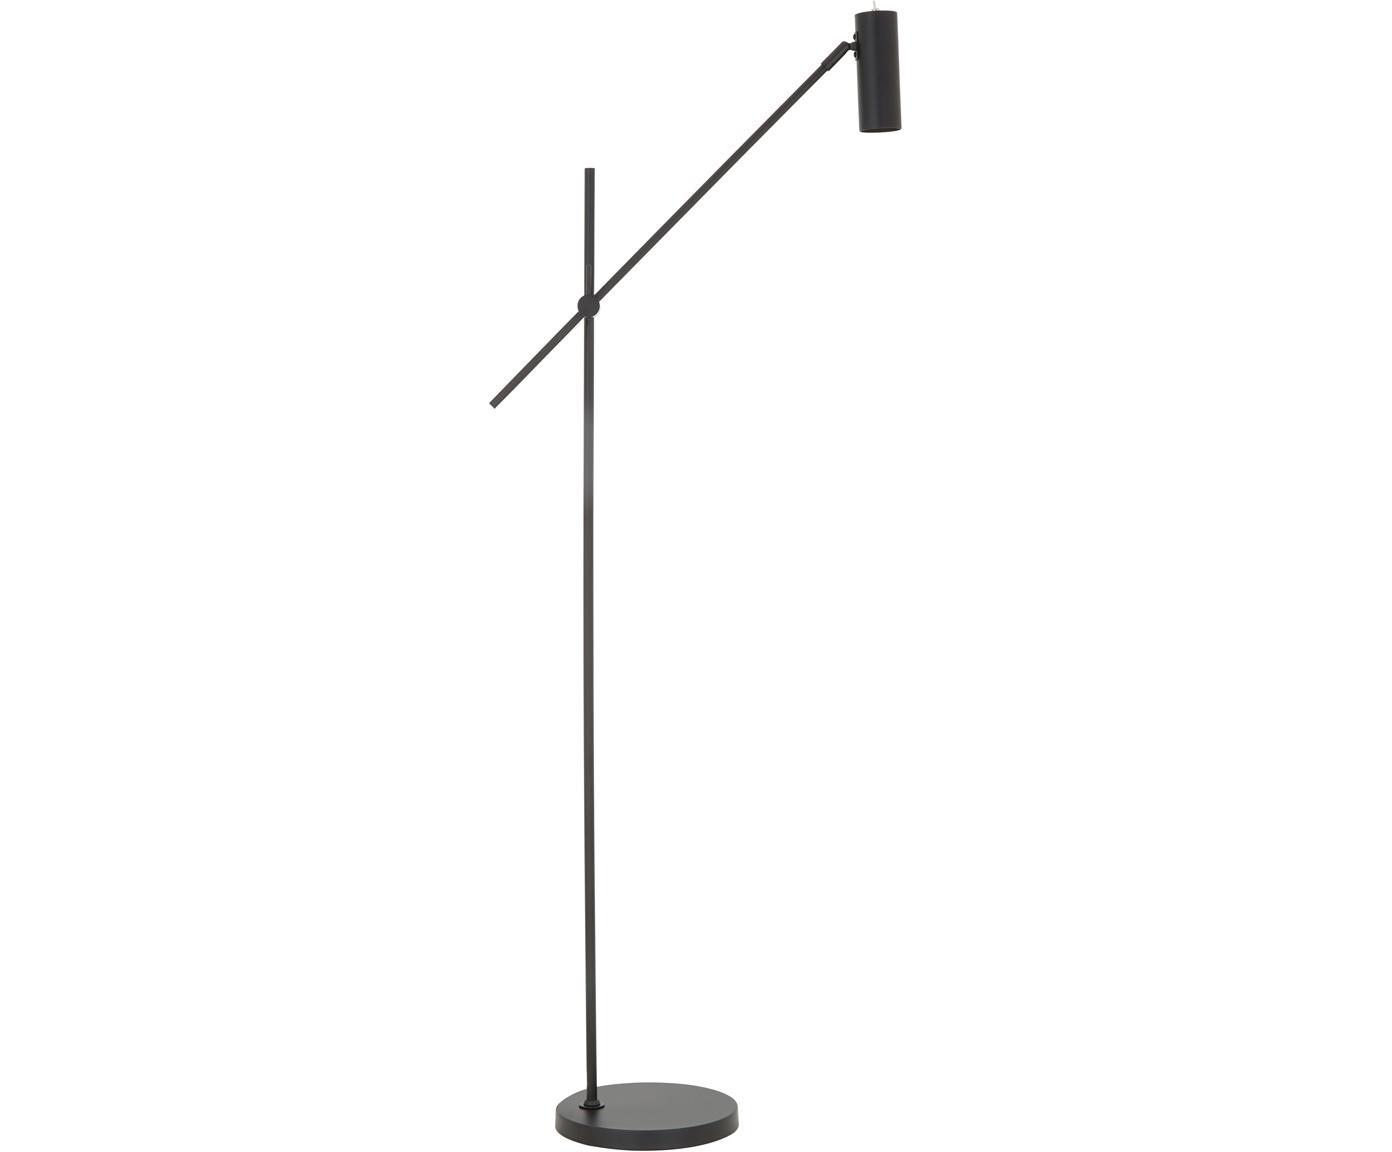 Lámpara de pie de metal Cassandra, Pantalla: metal con pintura en polv, Cable: cubierto en tela, Negro mate, An 75 x Al 152 cm